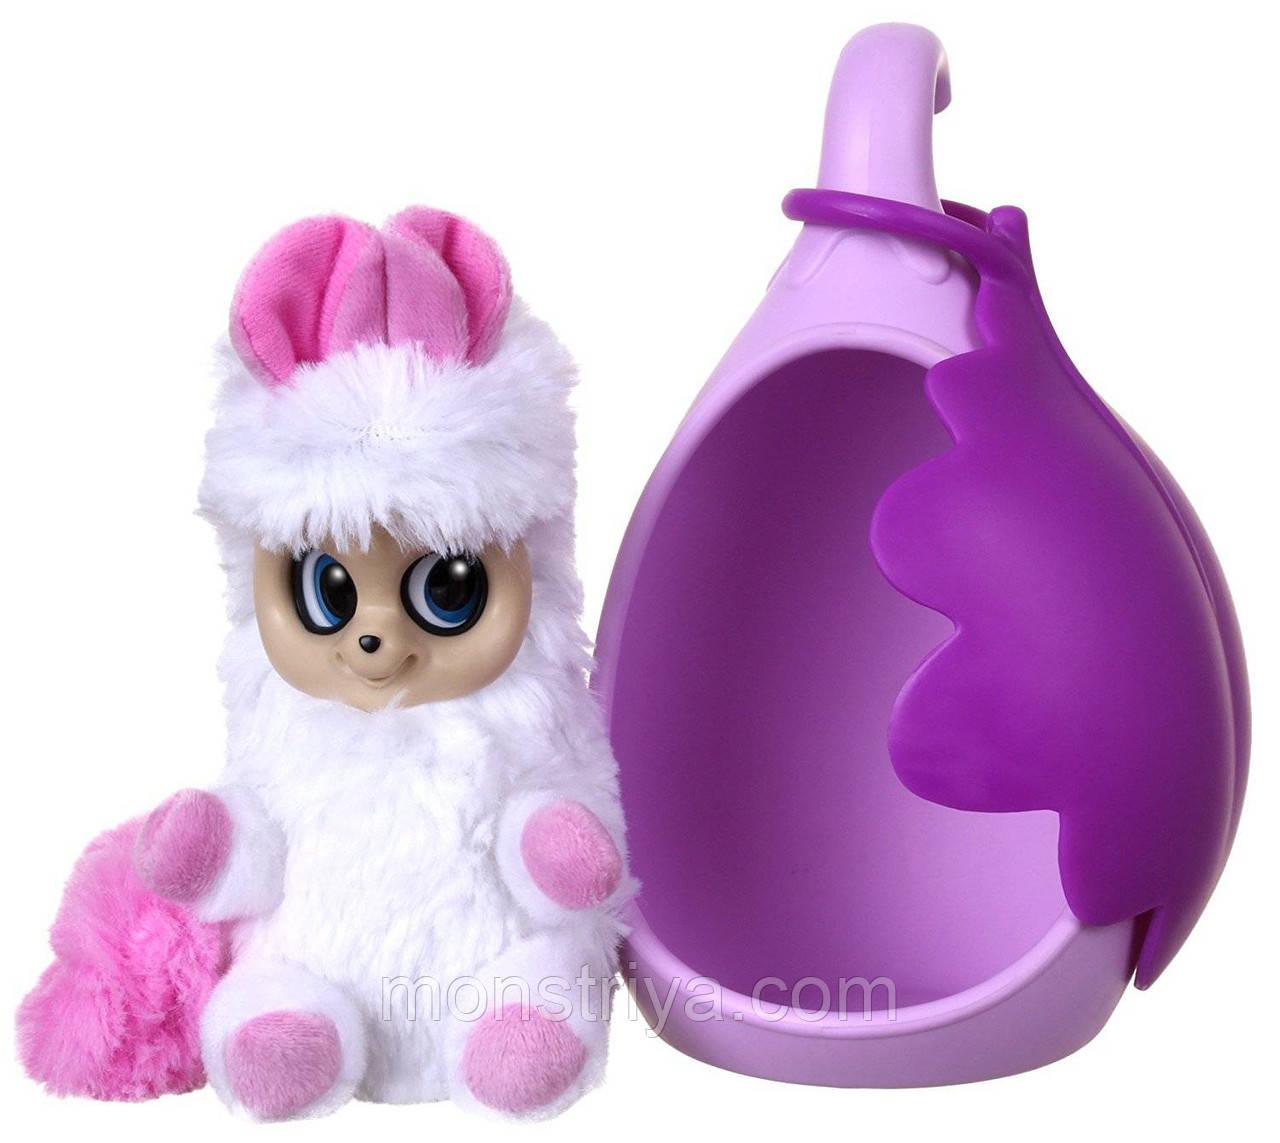 Игрушка Меховой младенец  Пушастик Соня с аксессуарами